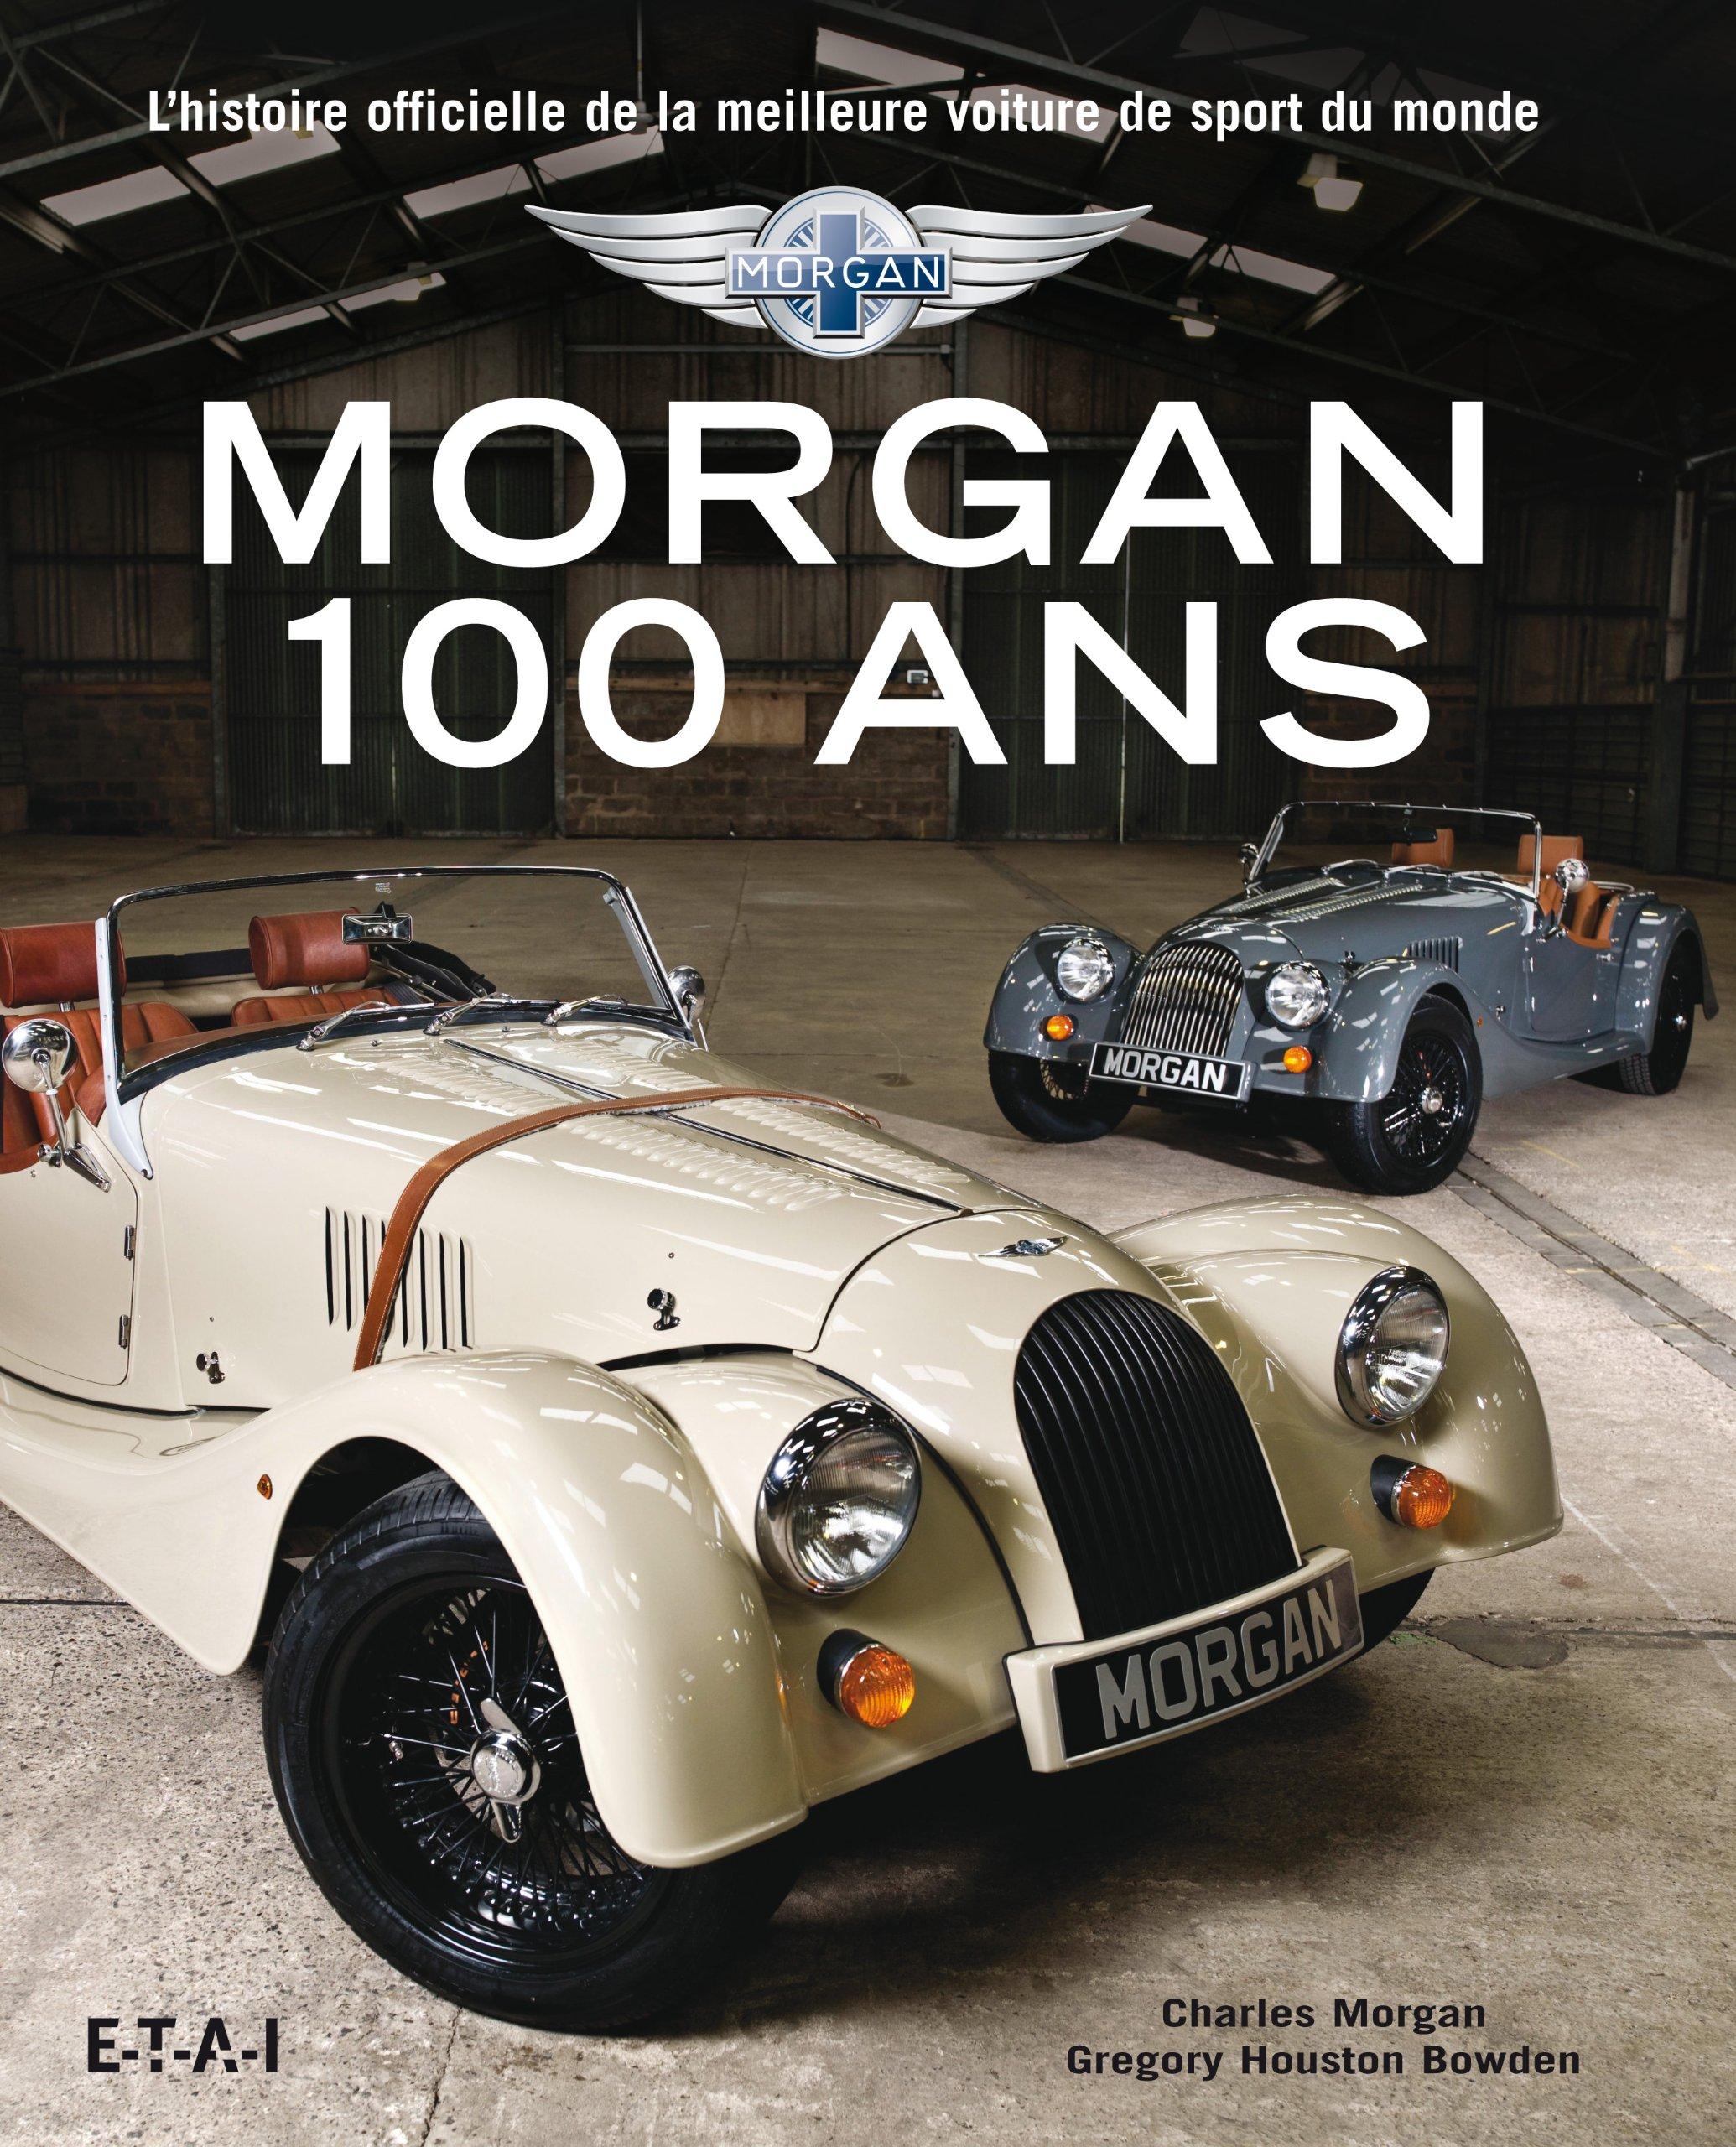 Morgan 100 Ans L Histoire Officielle De La Meilleure Voiture De